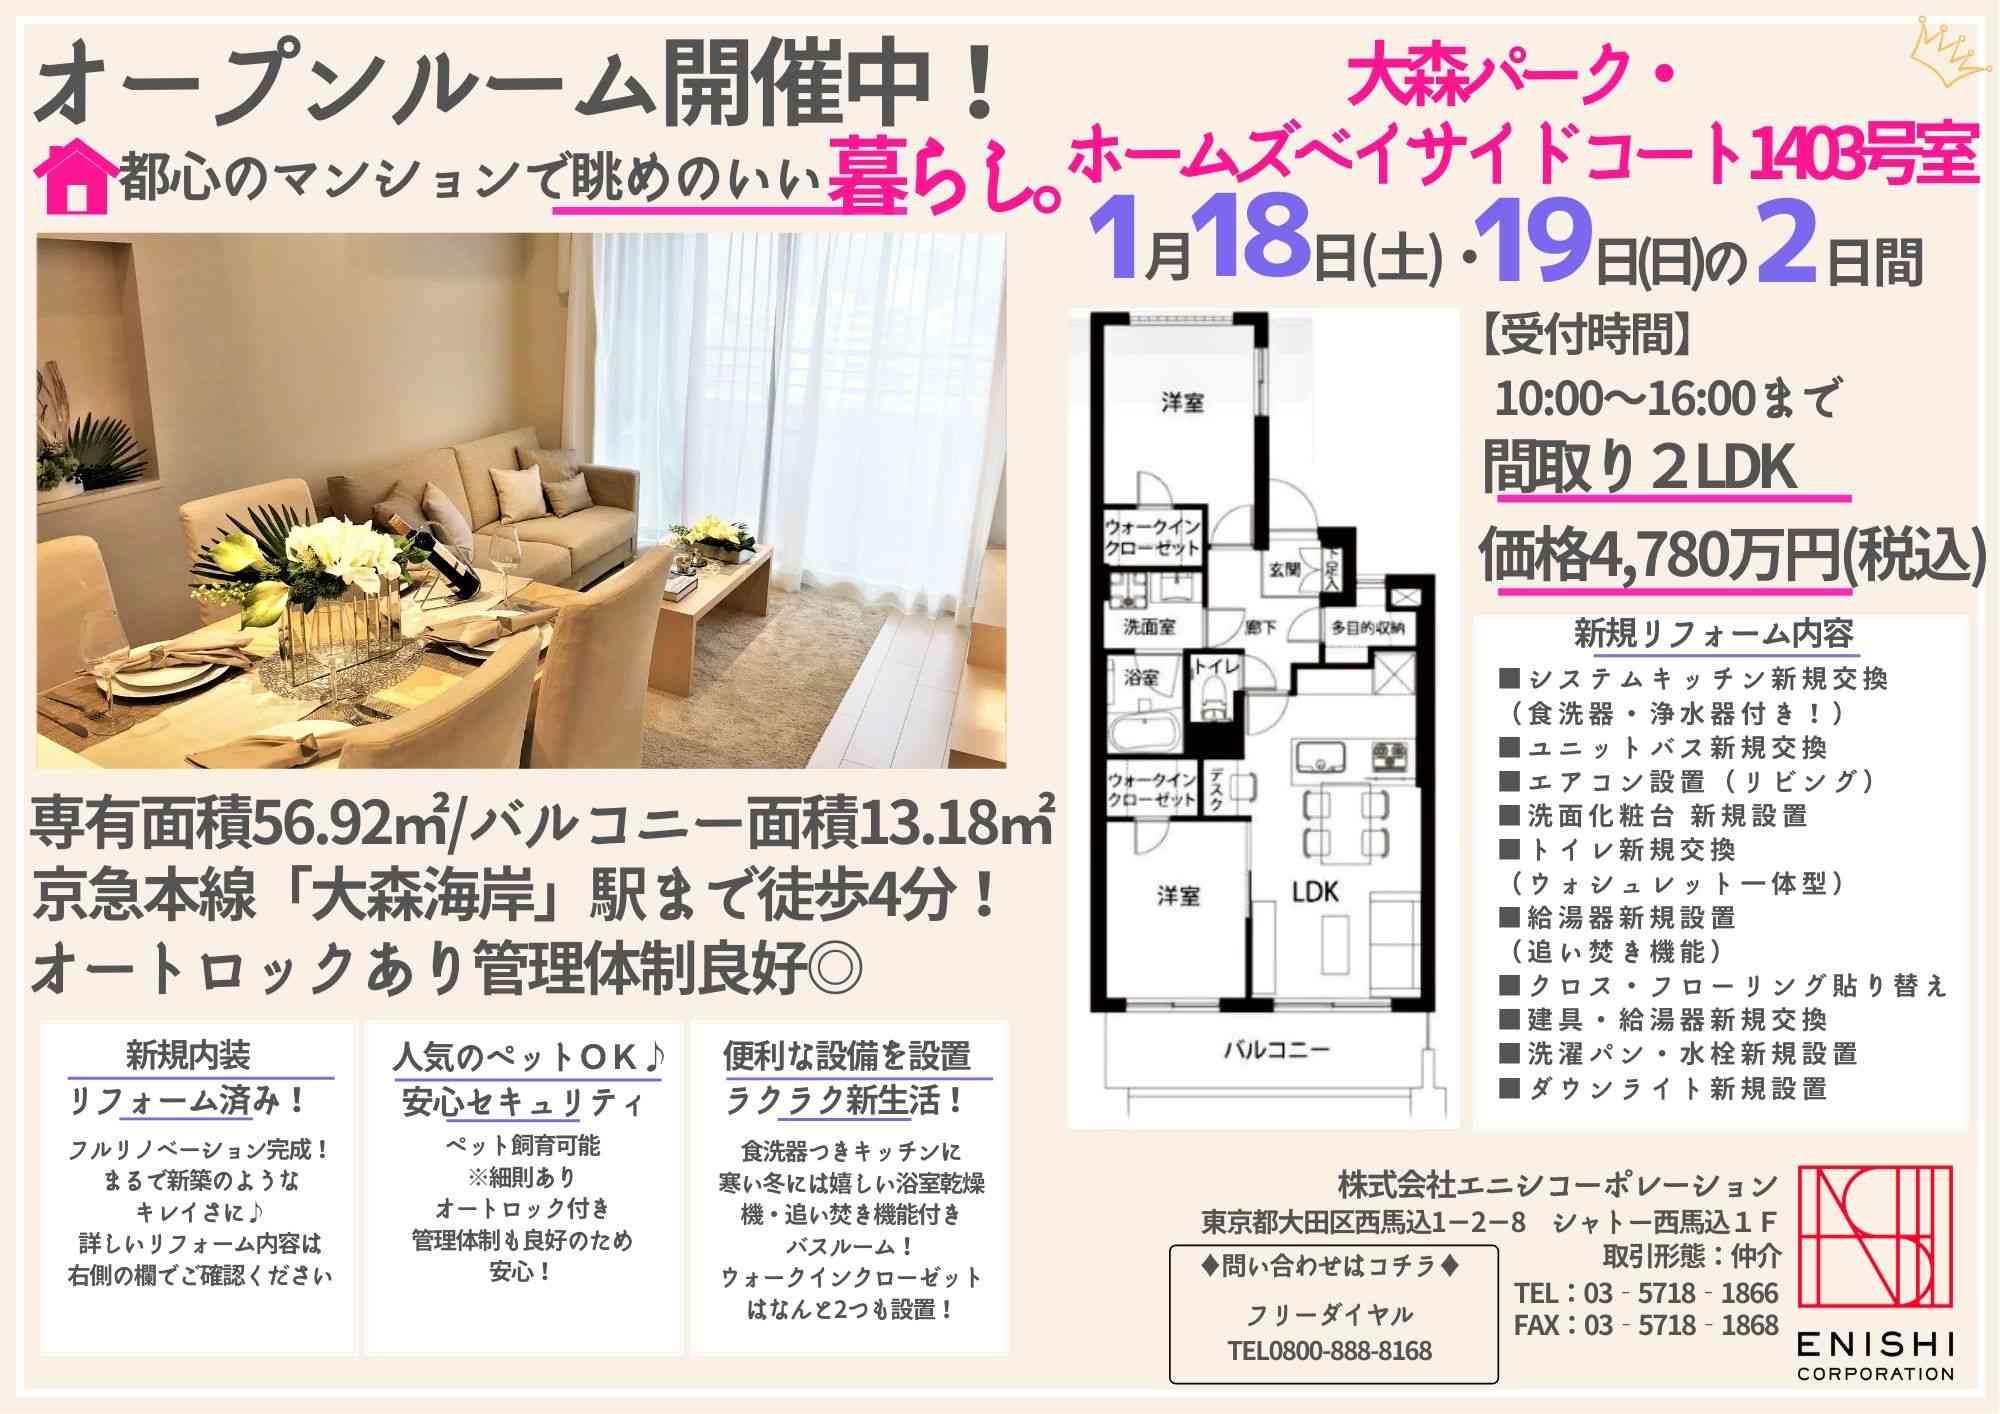 【リノベ済みマンションオープンルーム】@大森海岸 1/18(土)-19(日)